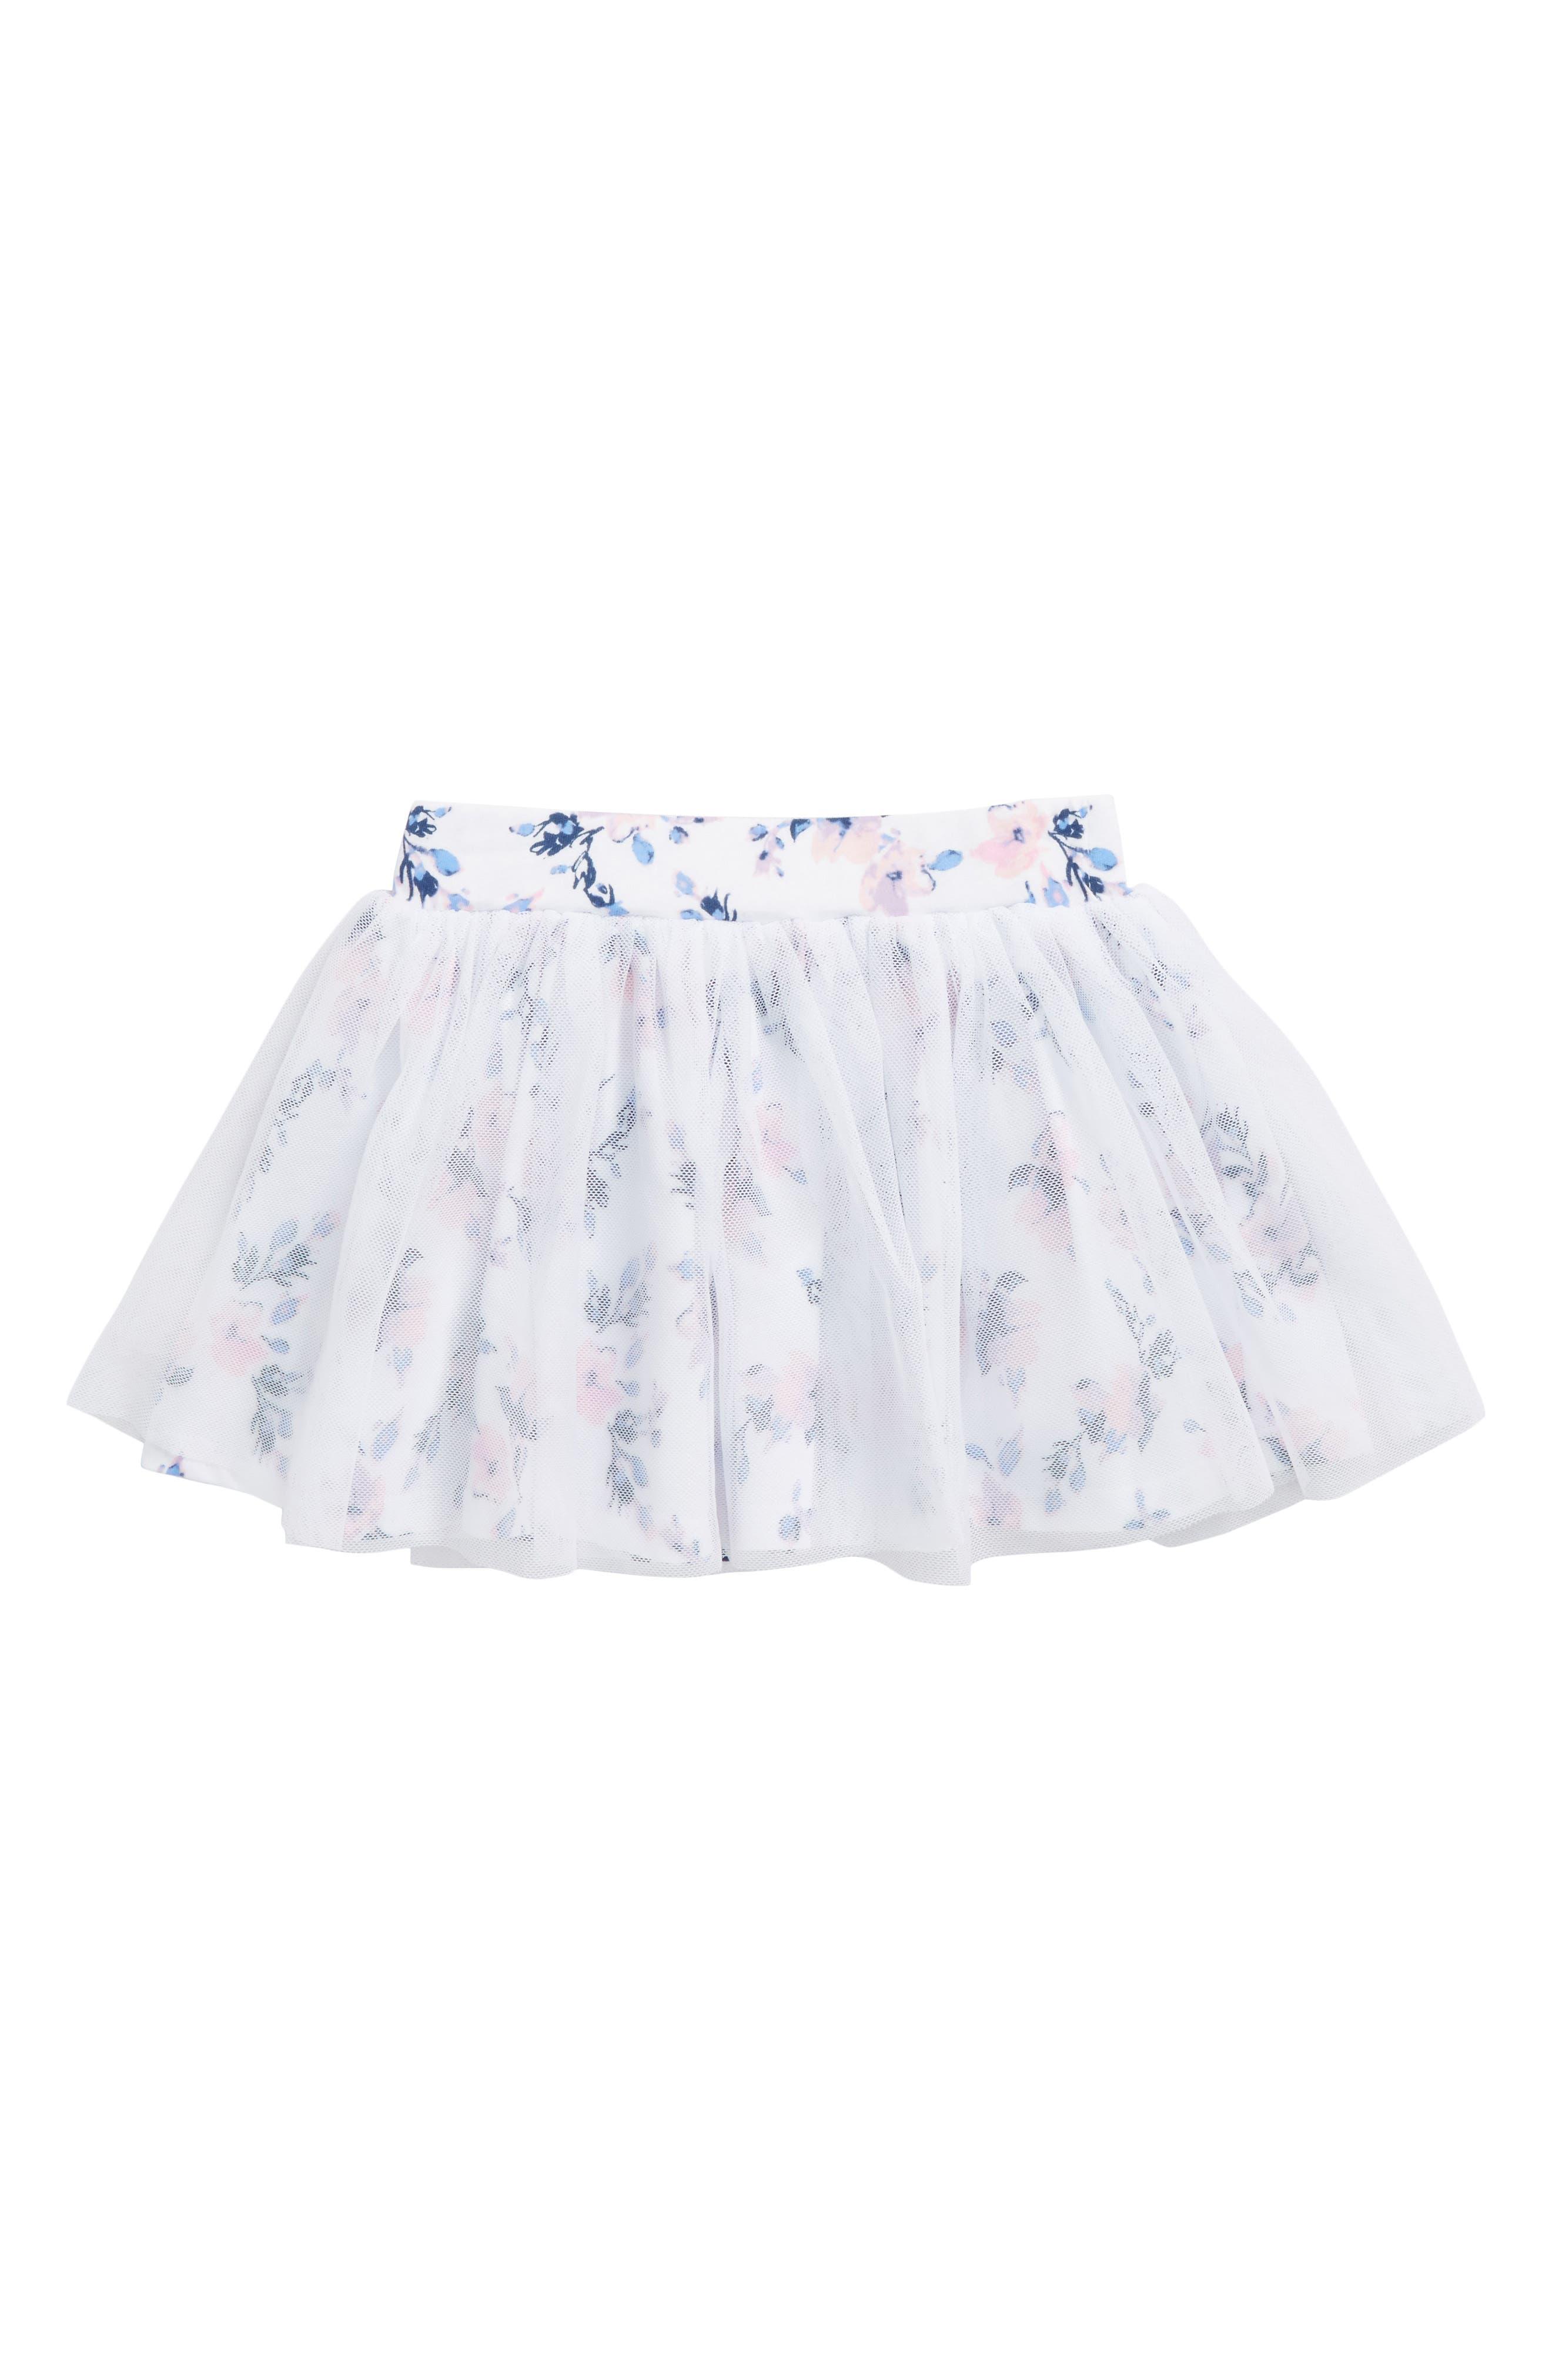 Flower Print Tutu Skirt,                         Main,                         color, Optic White